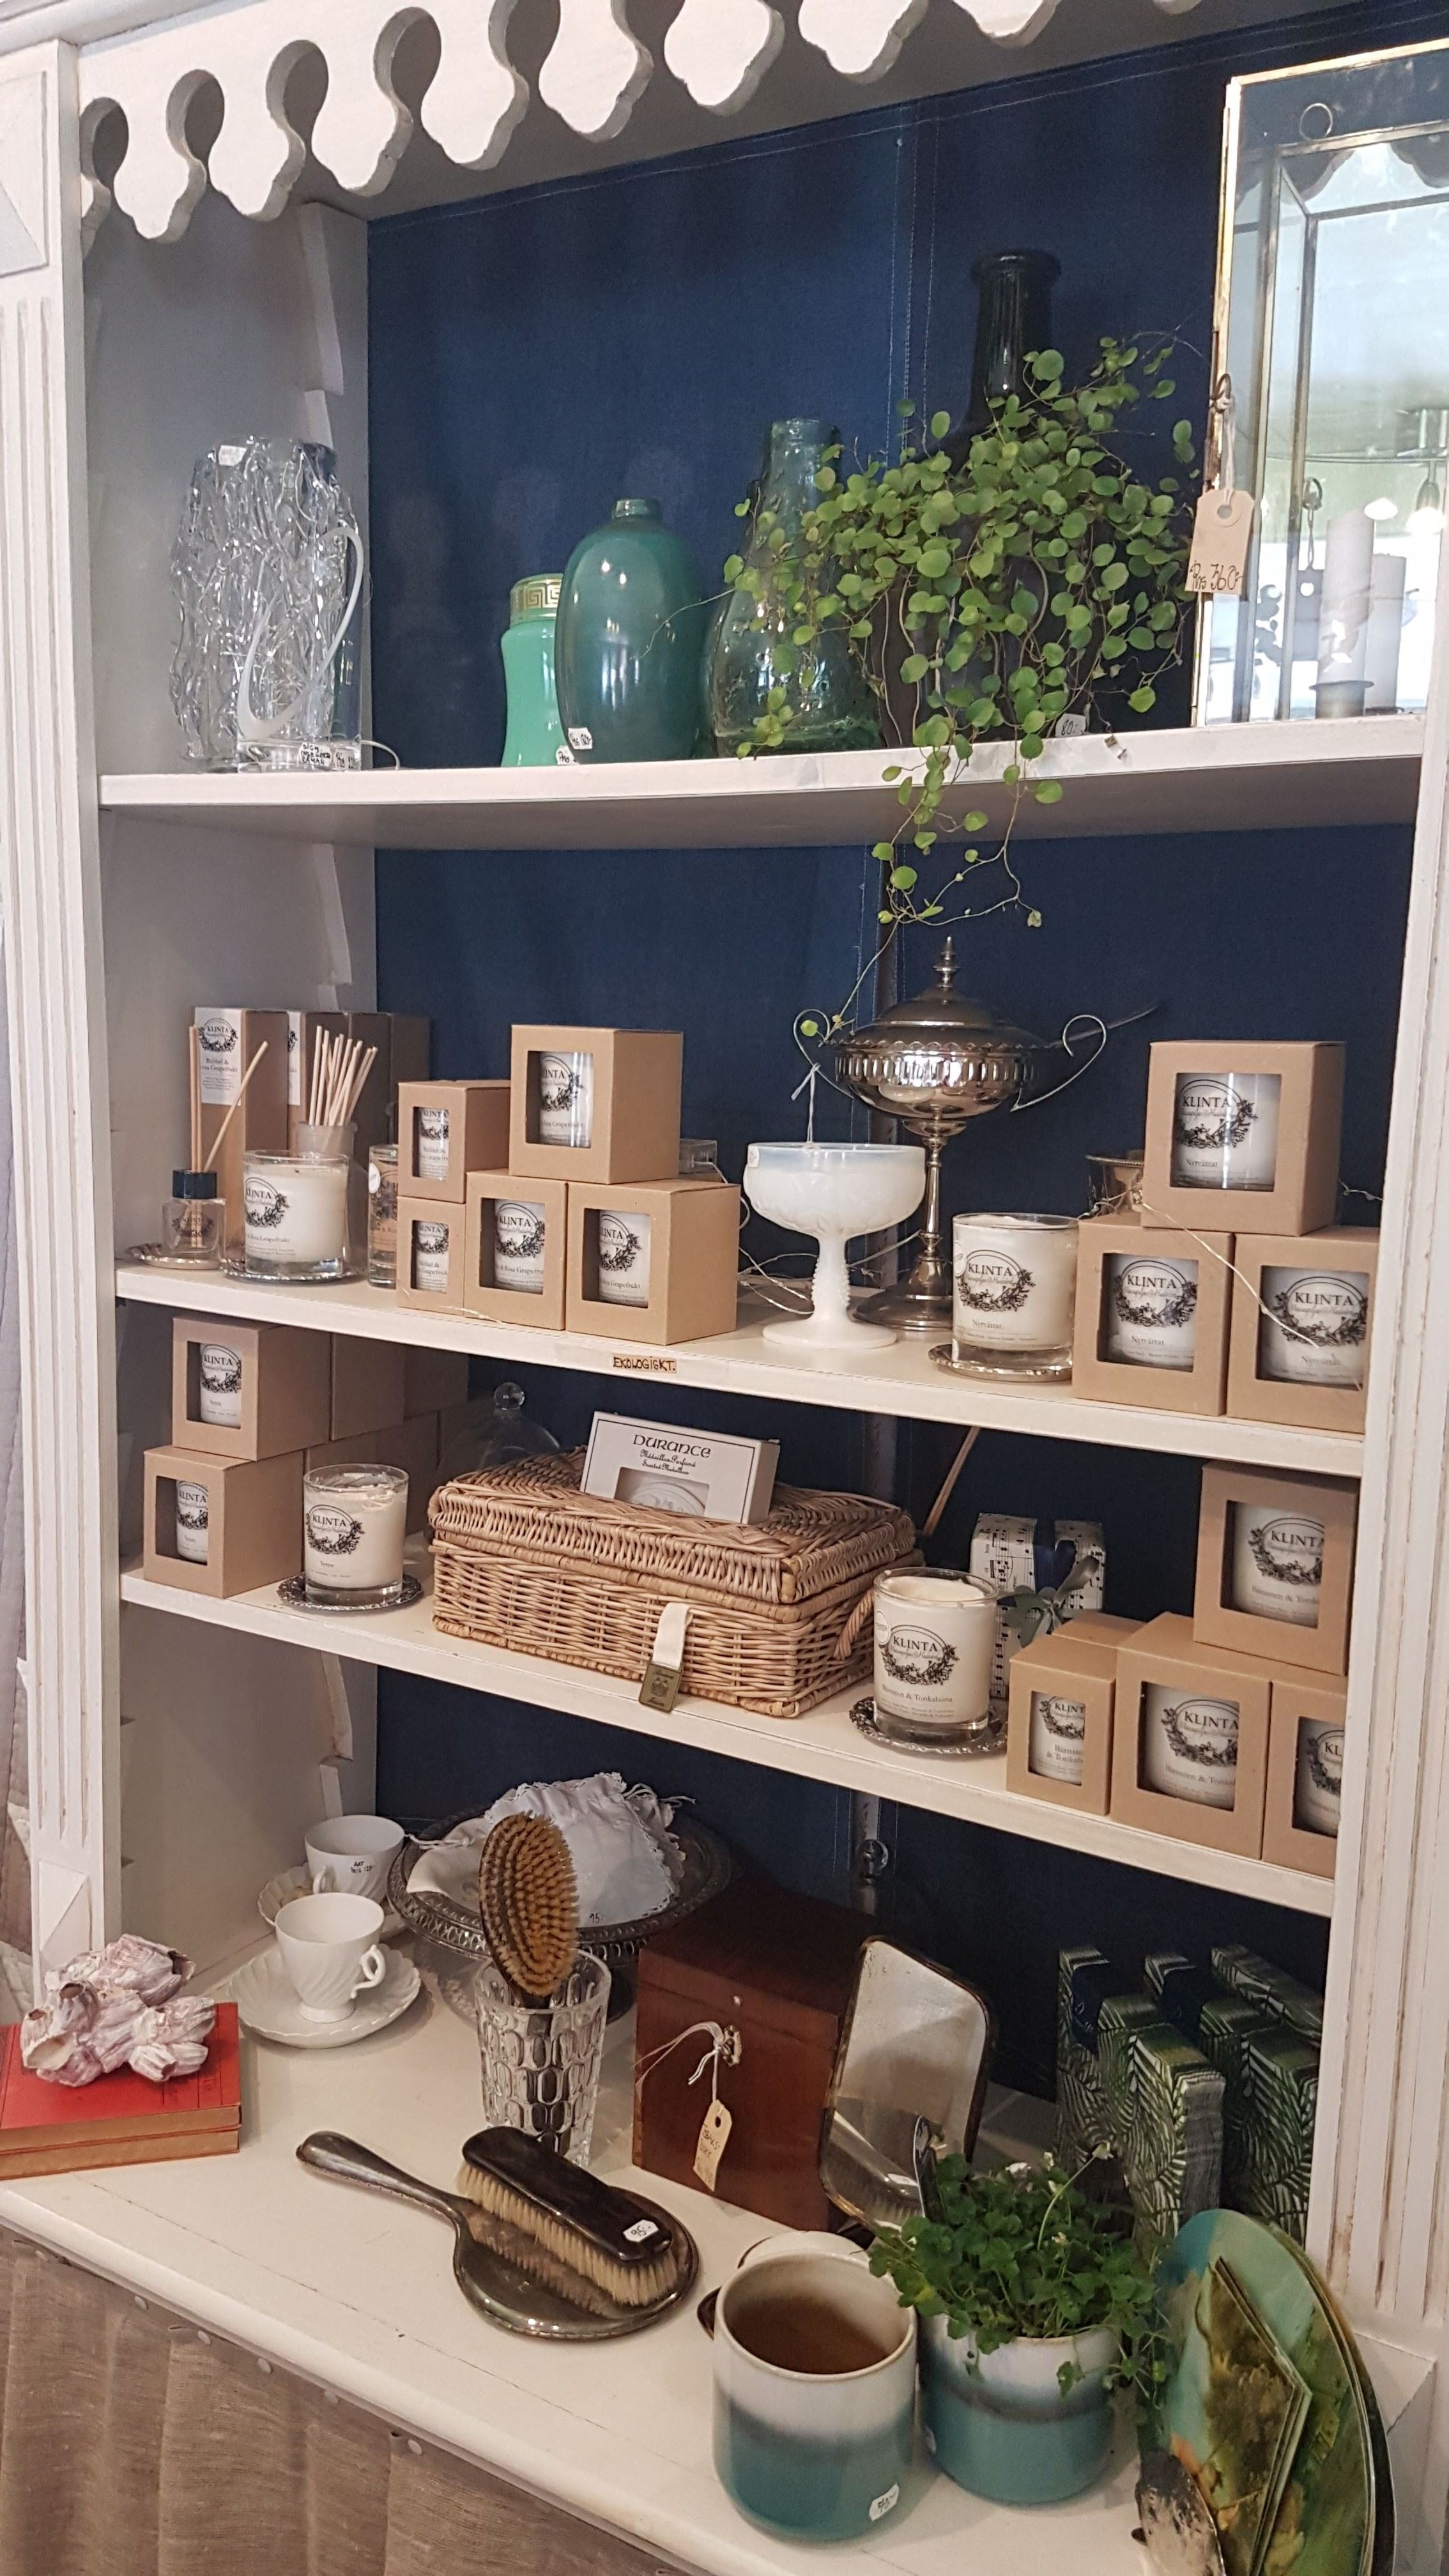 Tannåker - butik för sakletare (Altes und Neues)